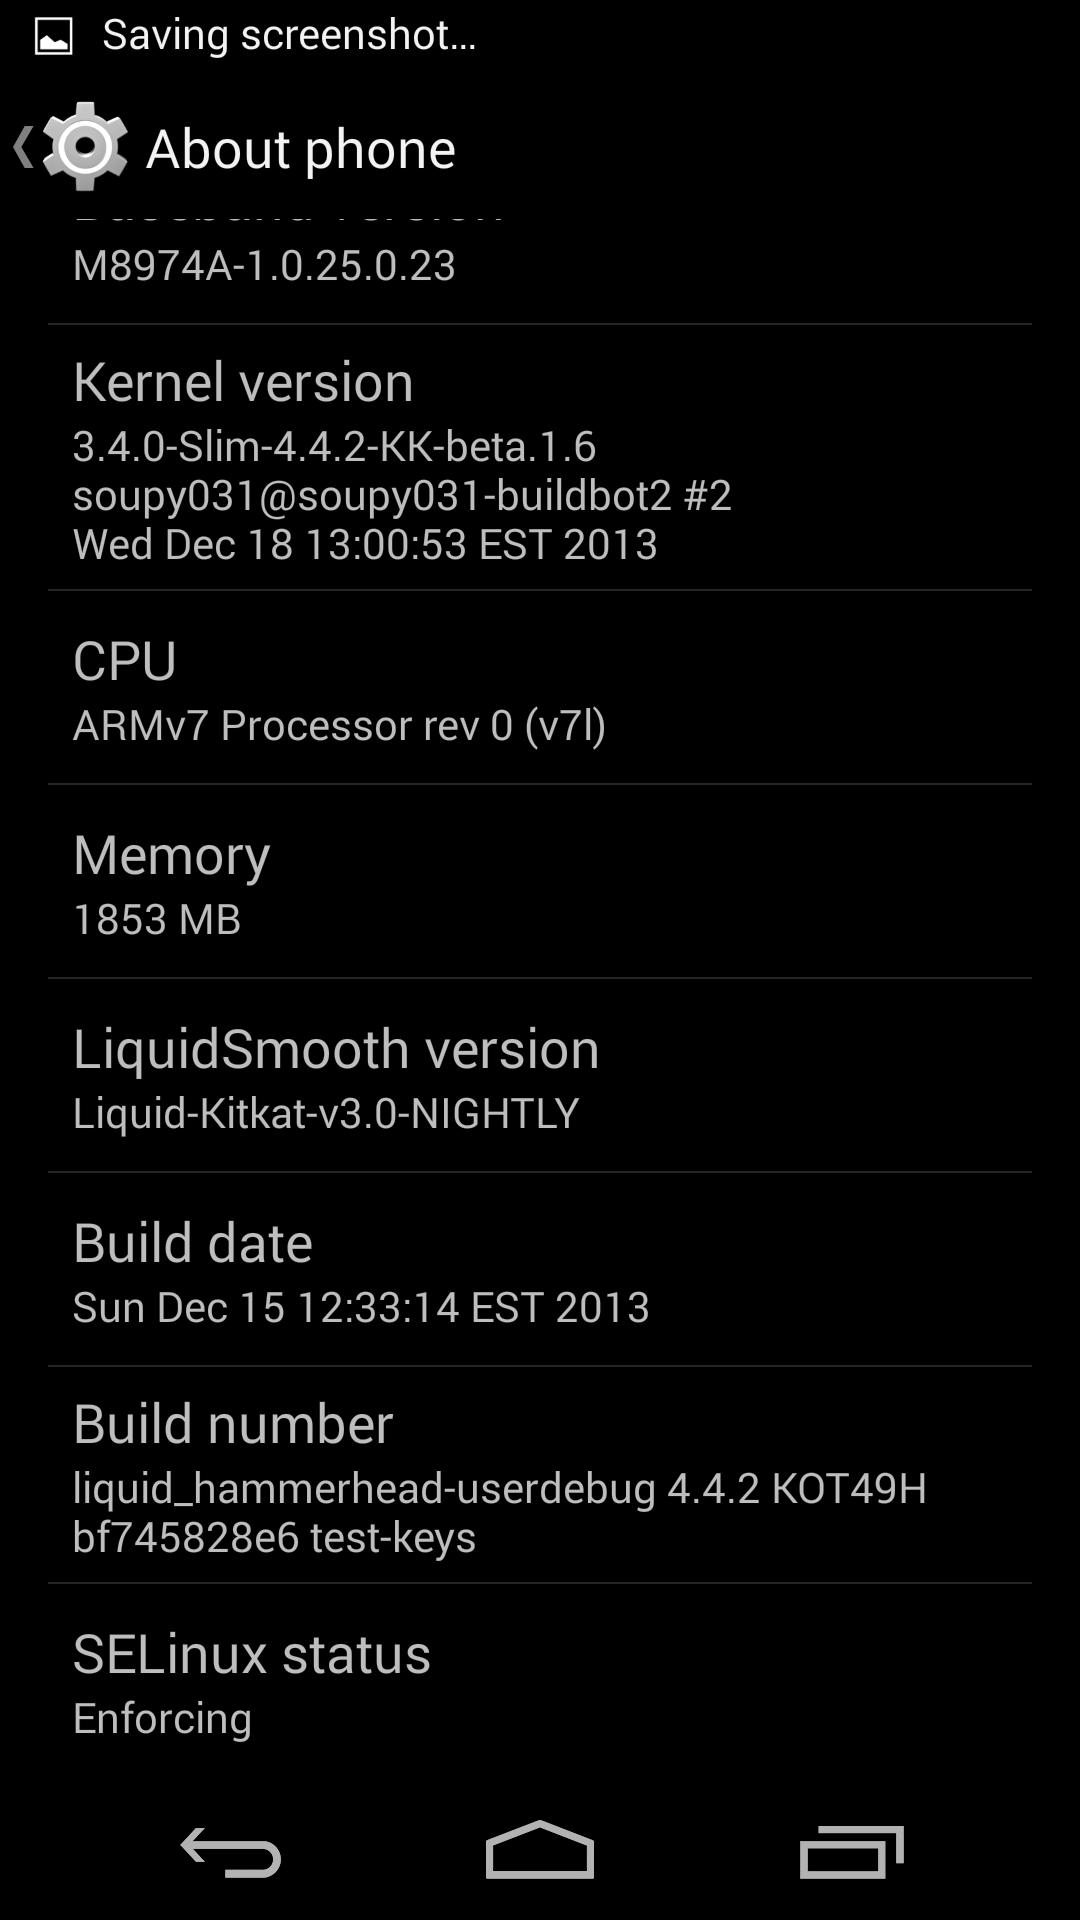 [ROM 4.4.2_r1] Liquid-Linaro-4.4.2 non officielle [Hammerhead][Kernel Slim][29.12.2013] Attachment